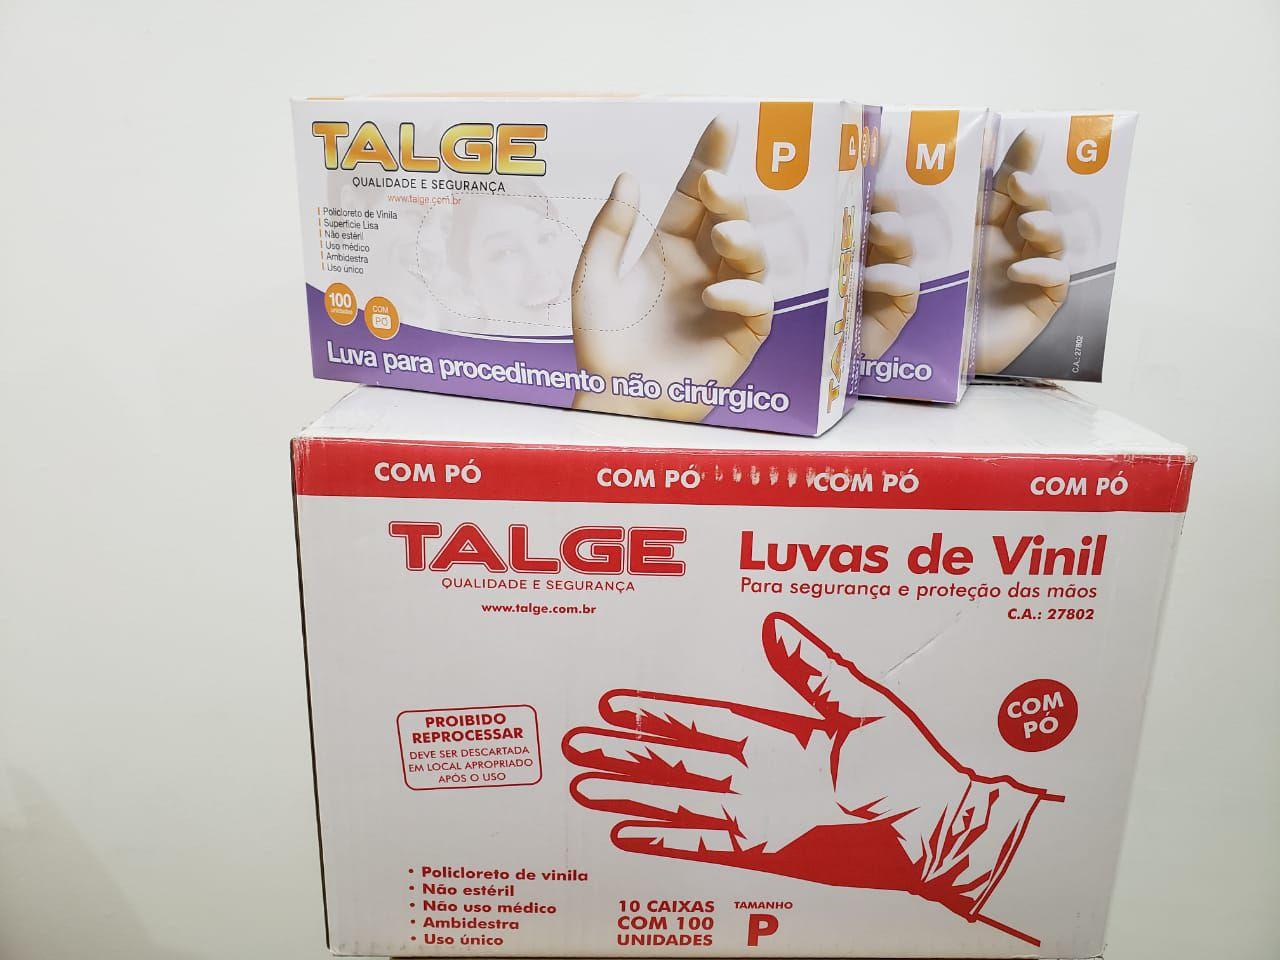 Luva de Vinil - Com Po - Caixa c/ 10 caixinhas -  Talge